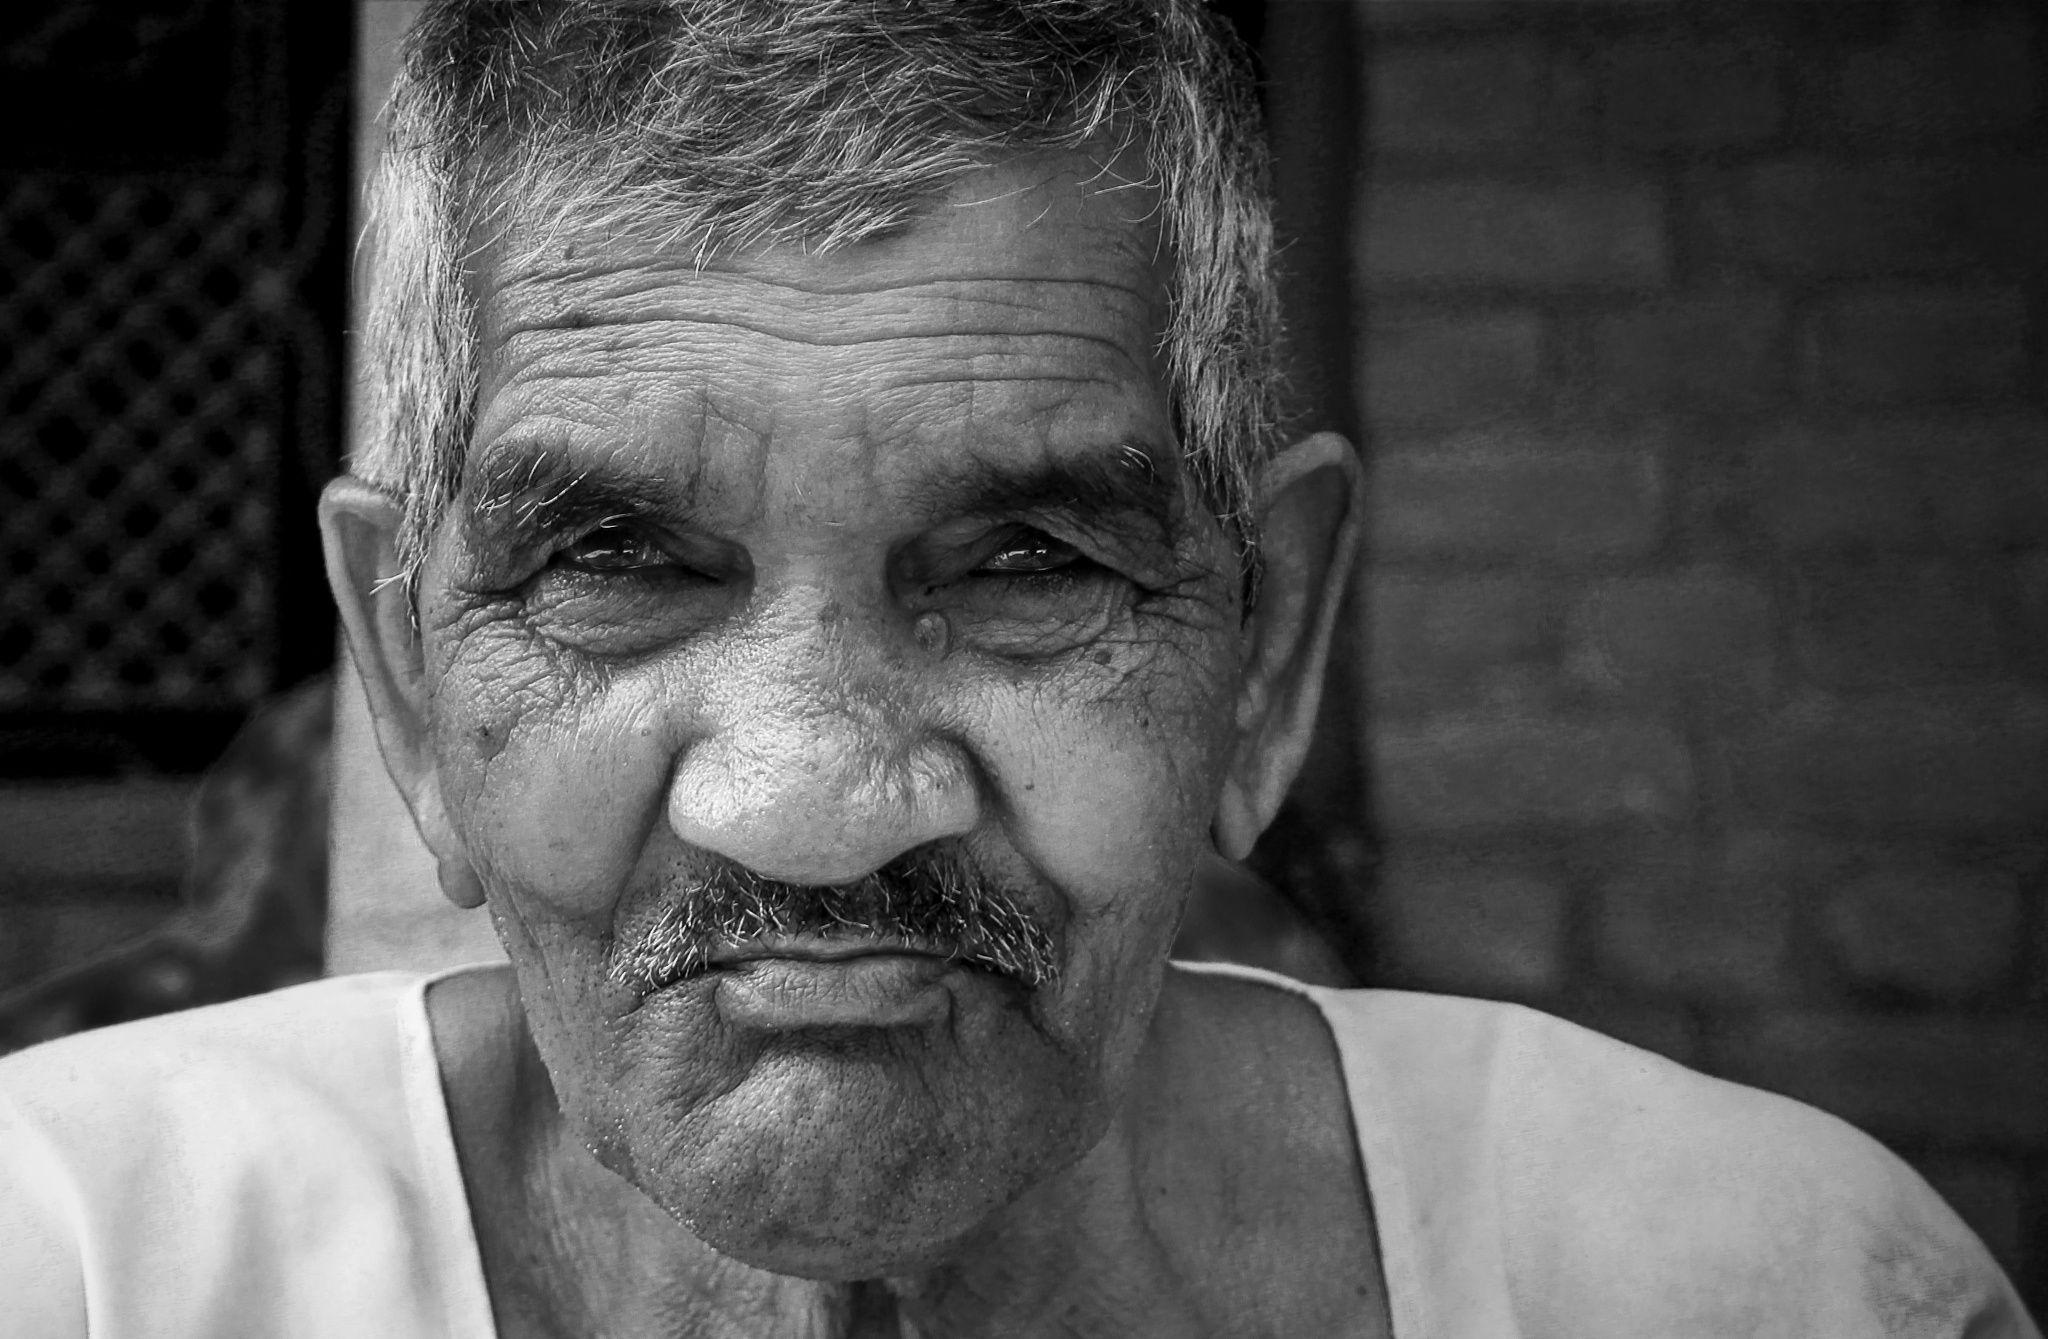 Nana... by Vikas Tiwari on 500px